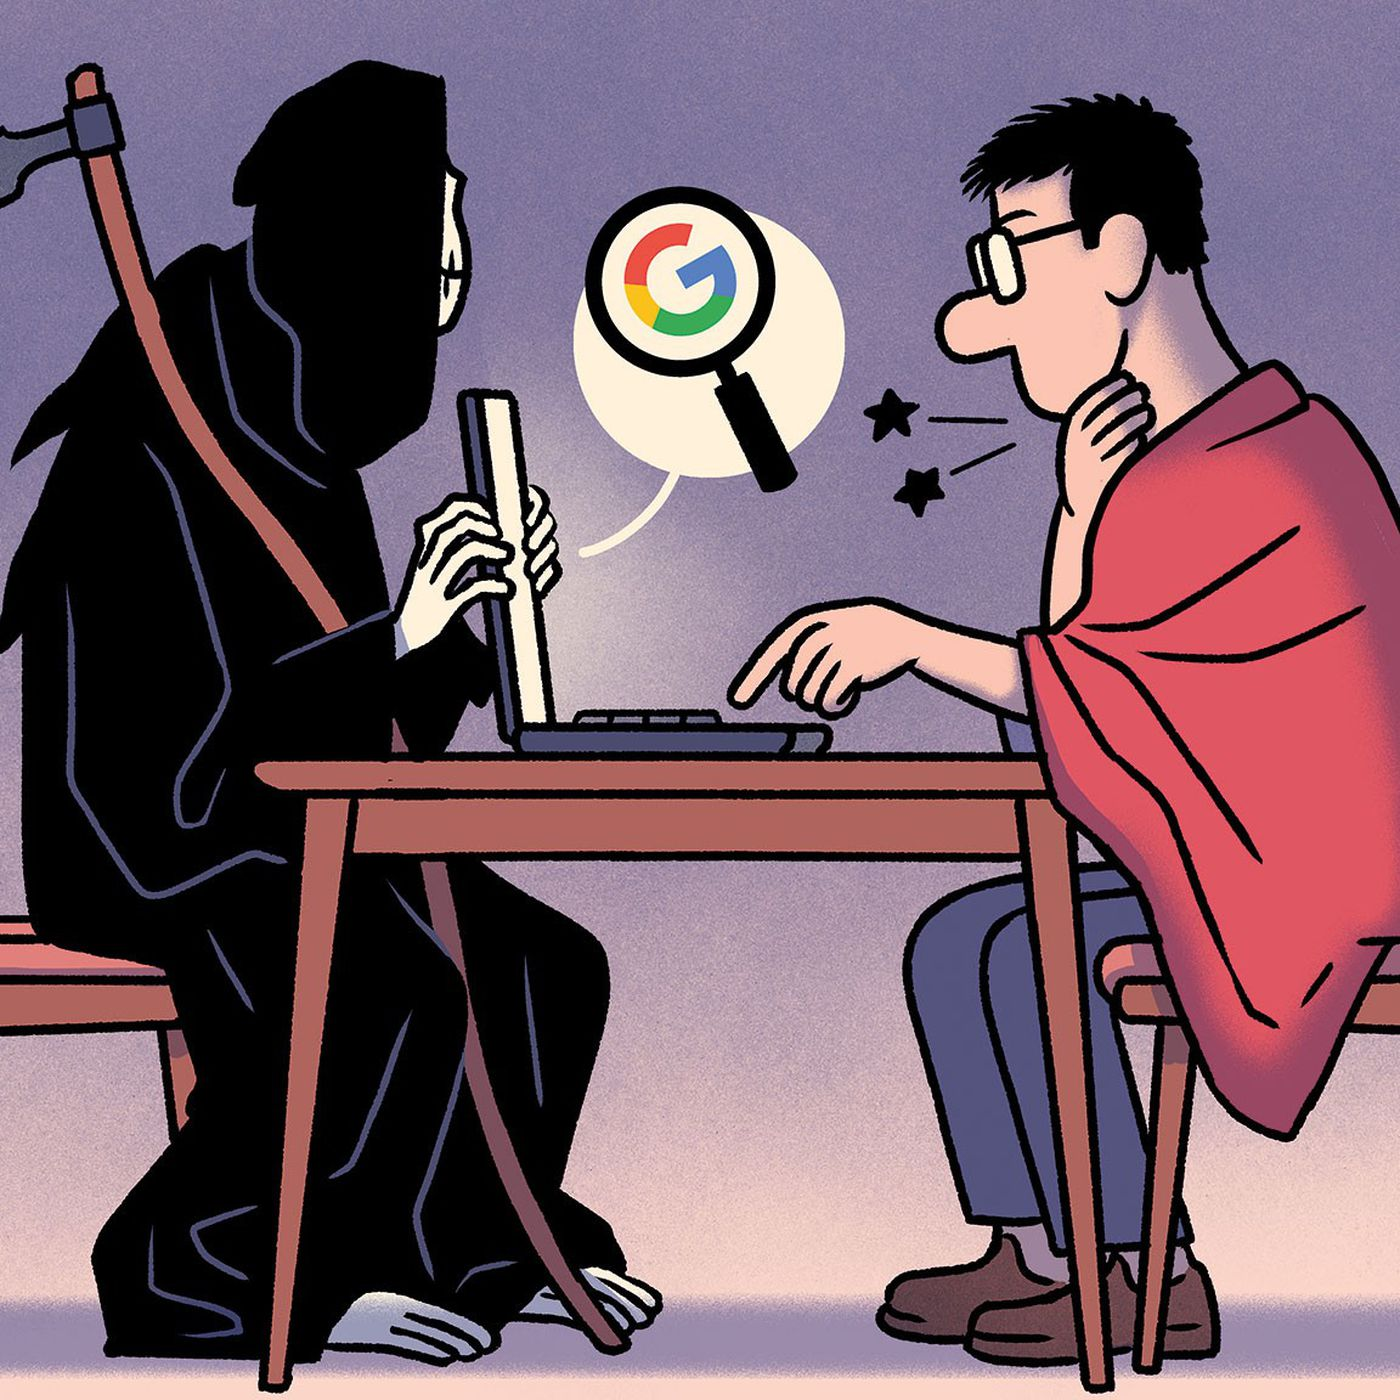 İnsanların İnterneti Hastane, Google'ı Doktor Gibi Kullanmaya Başlaması Neden Tehlikelidir?